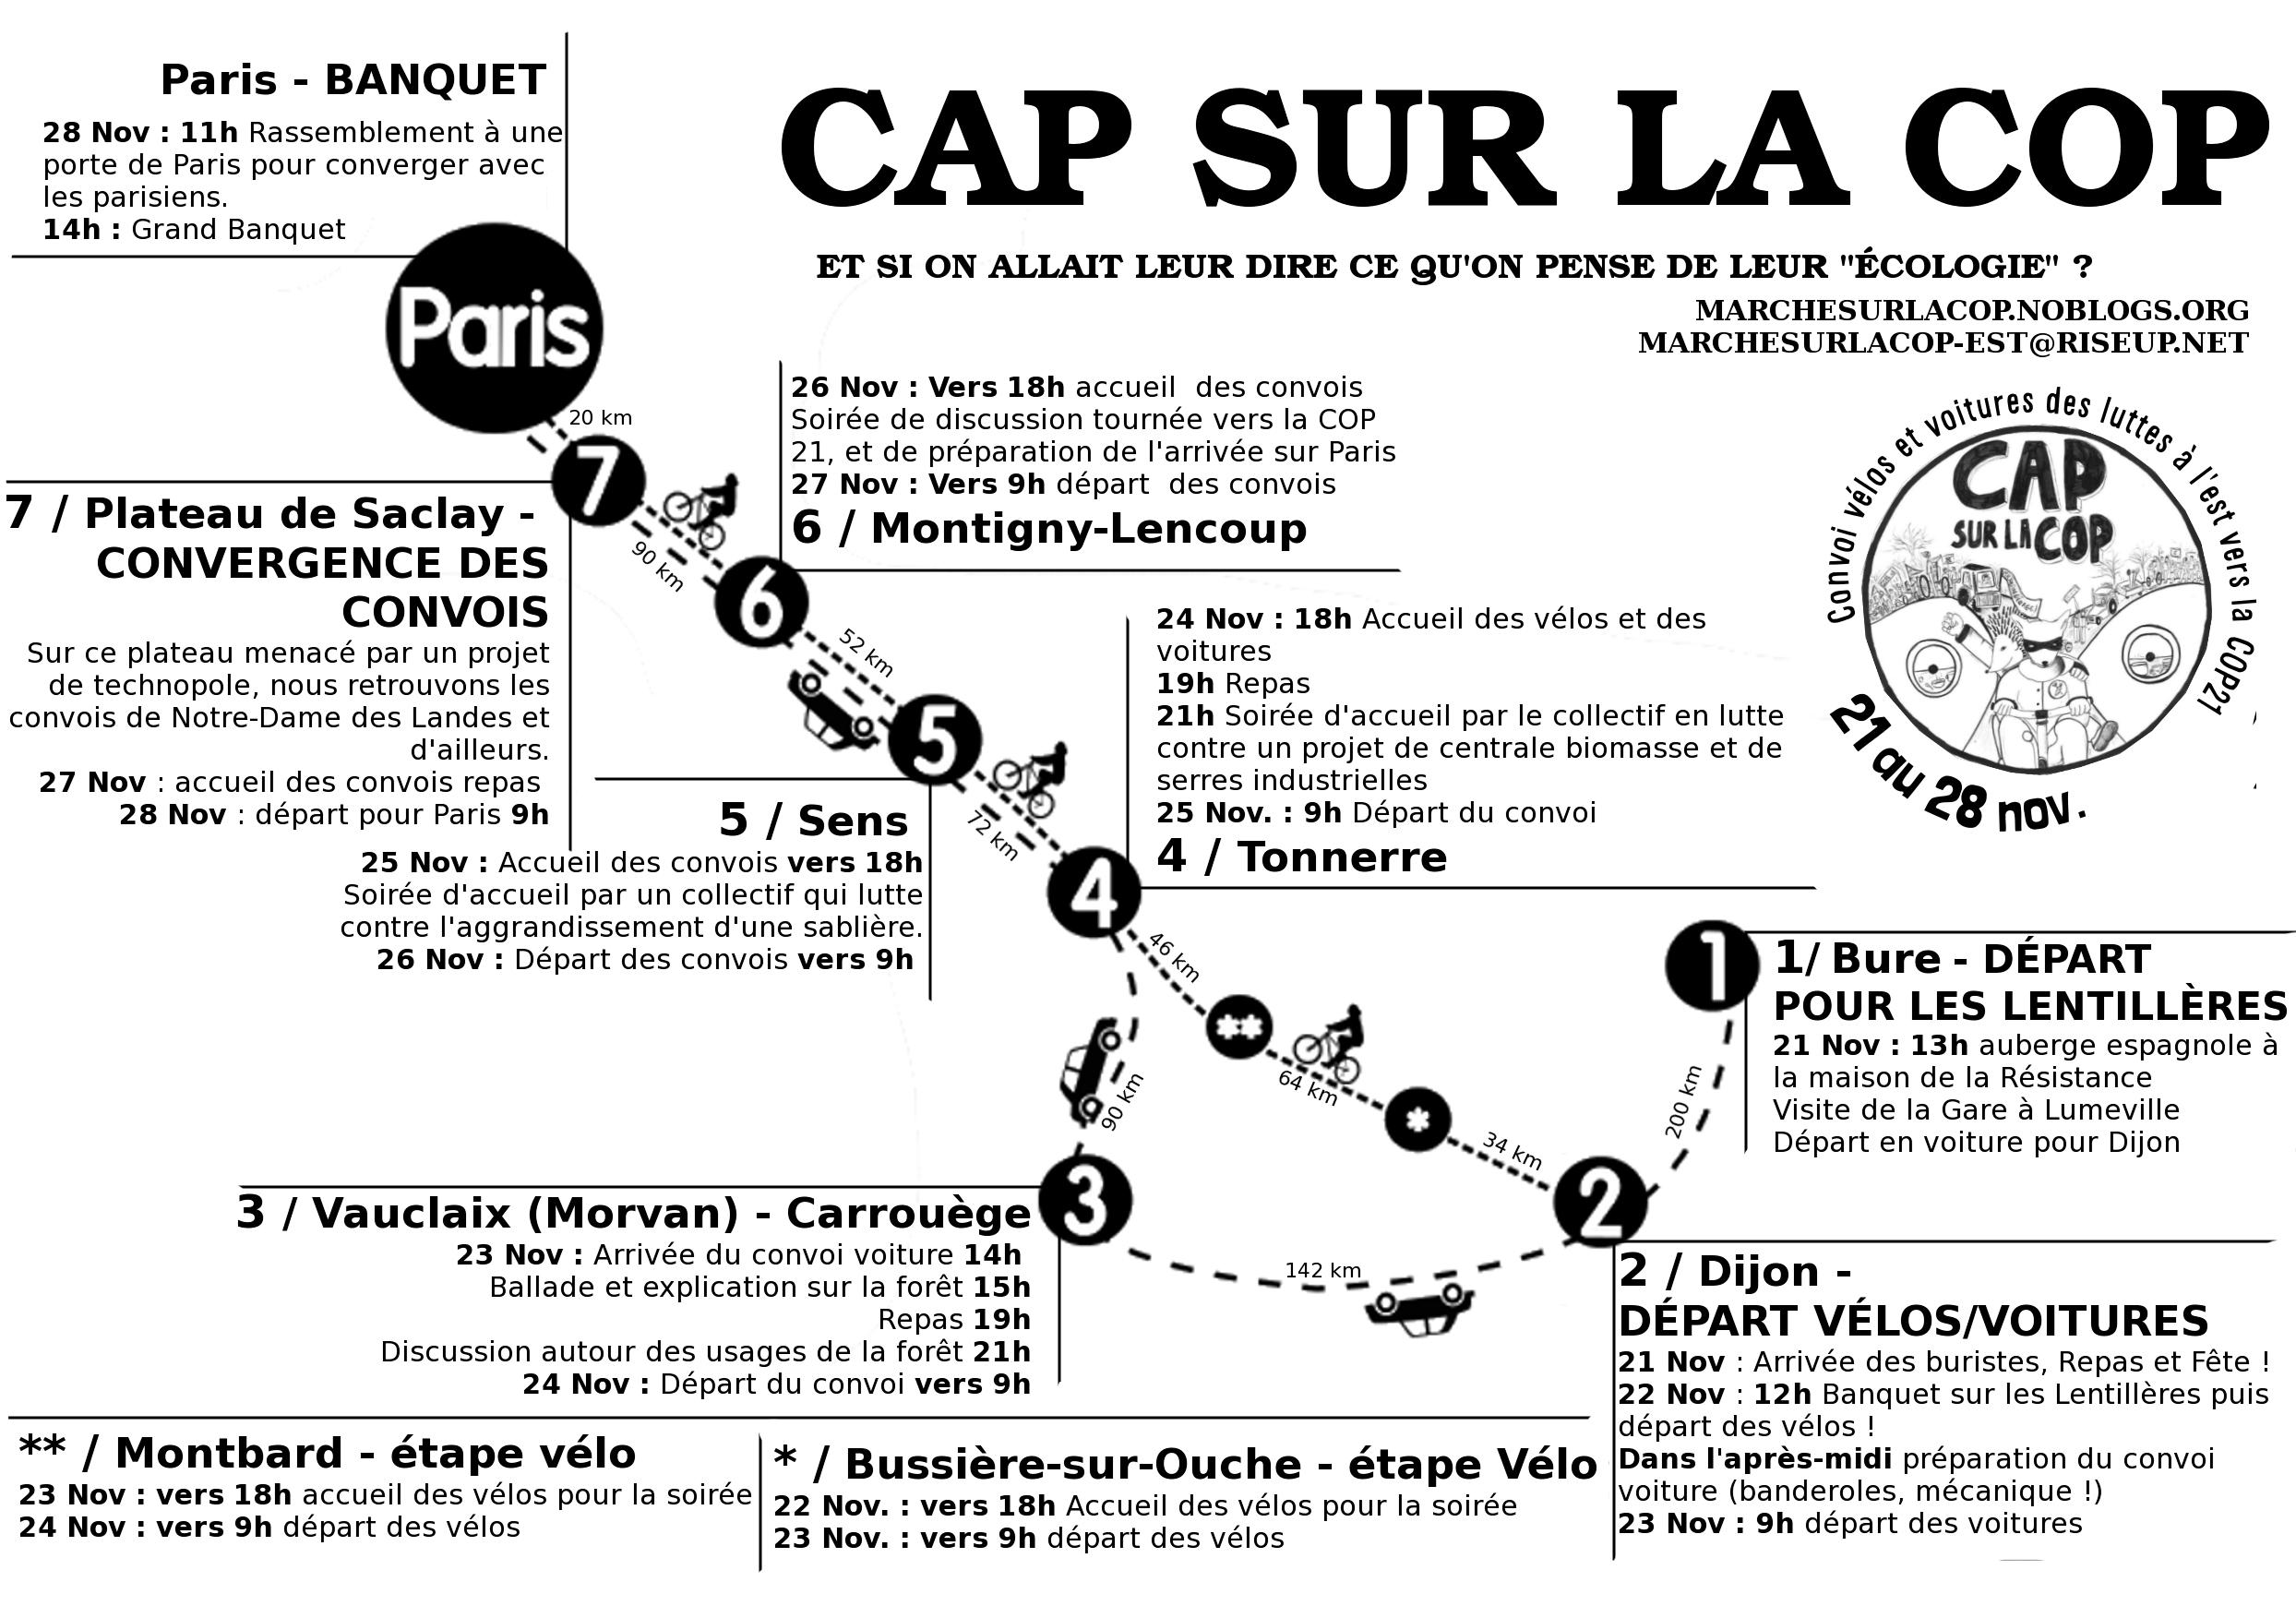 Carte Cap sur la Cop3